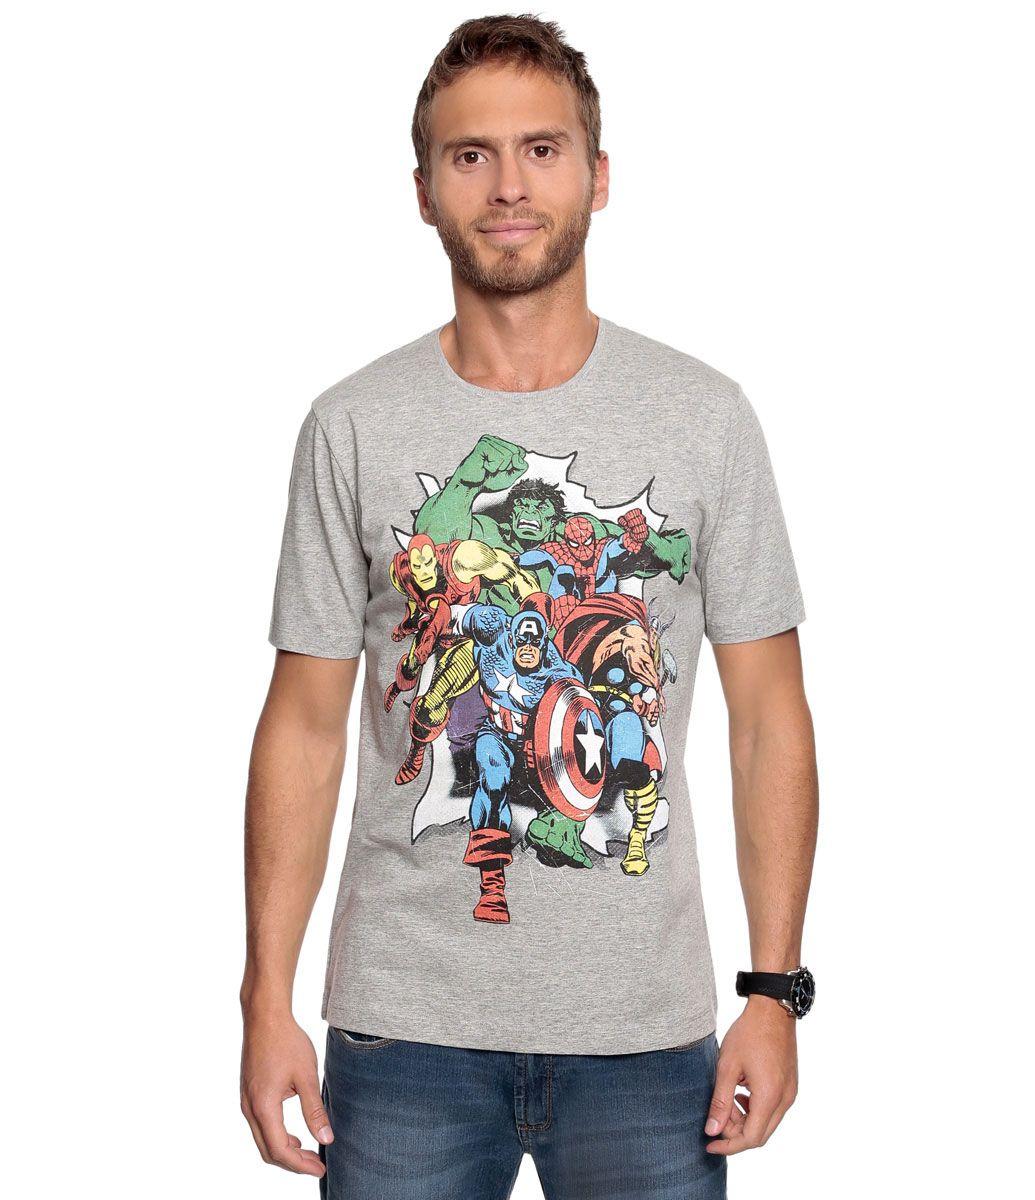 505a07216 Camiseta Masculina com Estampa dos Personagens de Quadrinhos Super Heróis -  Lojas Renner